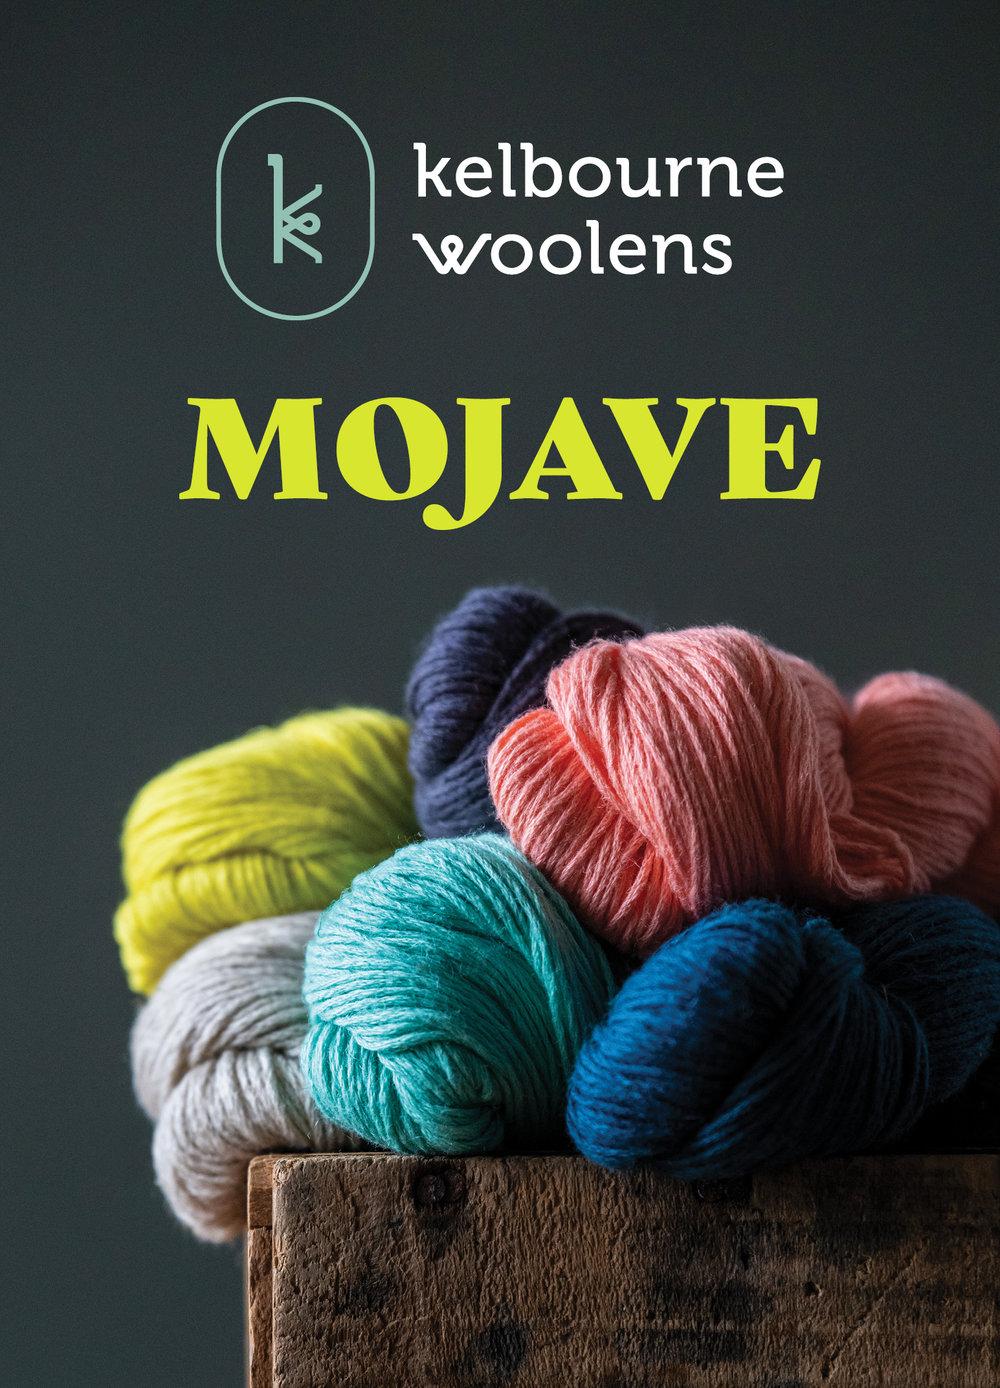 Mojave Yarn Postcard_Front_Kelbourne Woolens.jpg